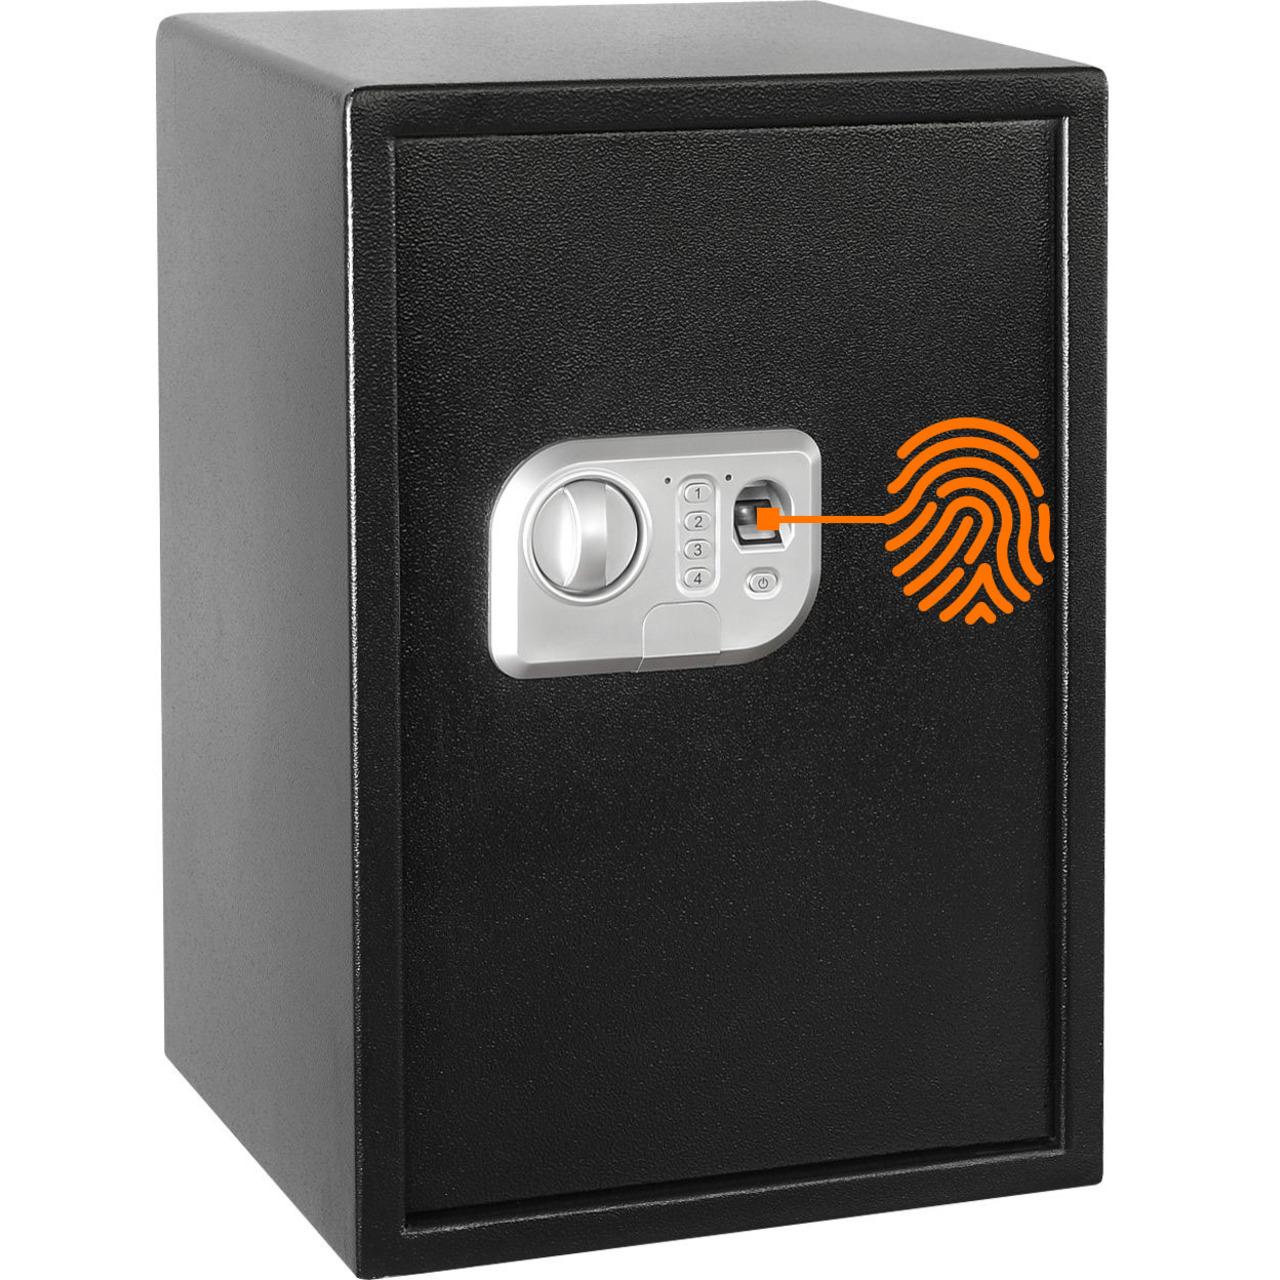 Megasat Fingerprint-Sicherheitstresor ST-50 FP- 42-5 l Volumen- mit Code-Eingabe und Notschlüssel